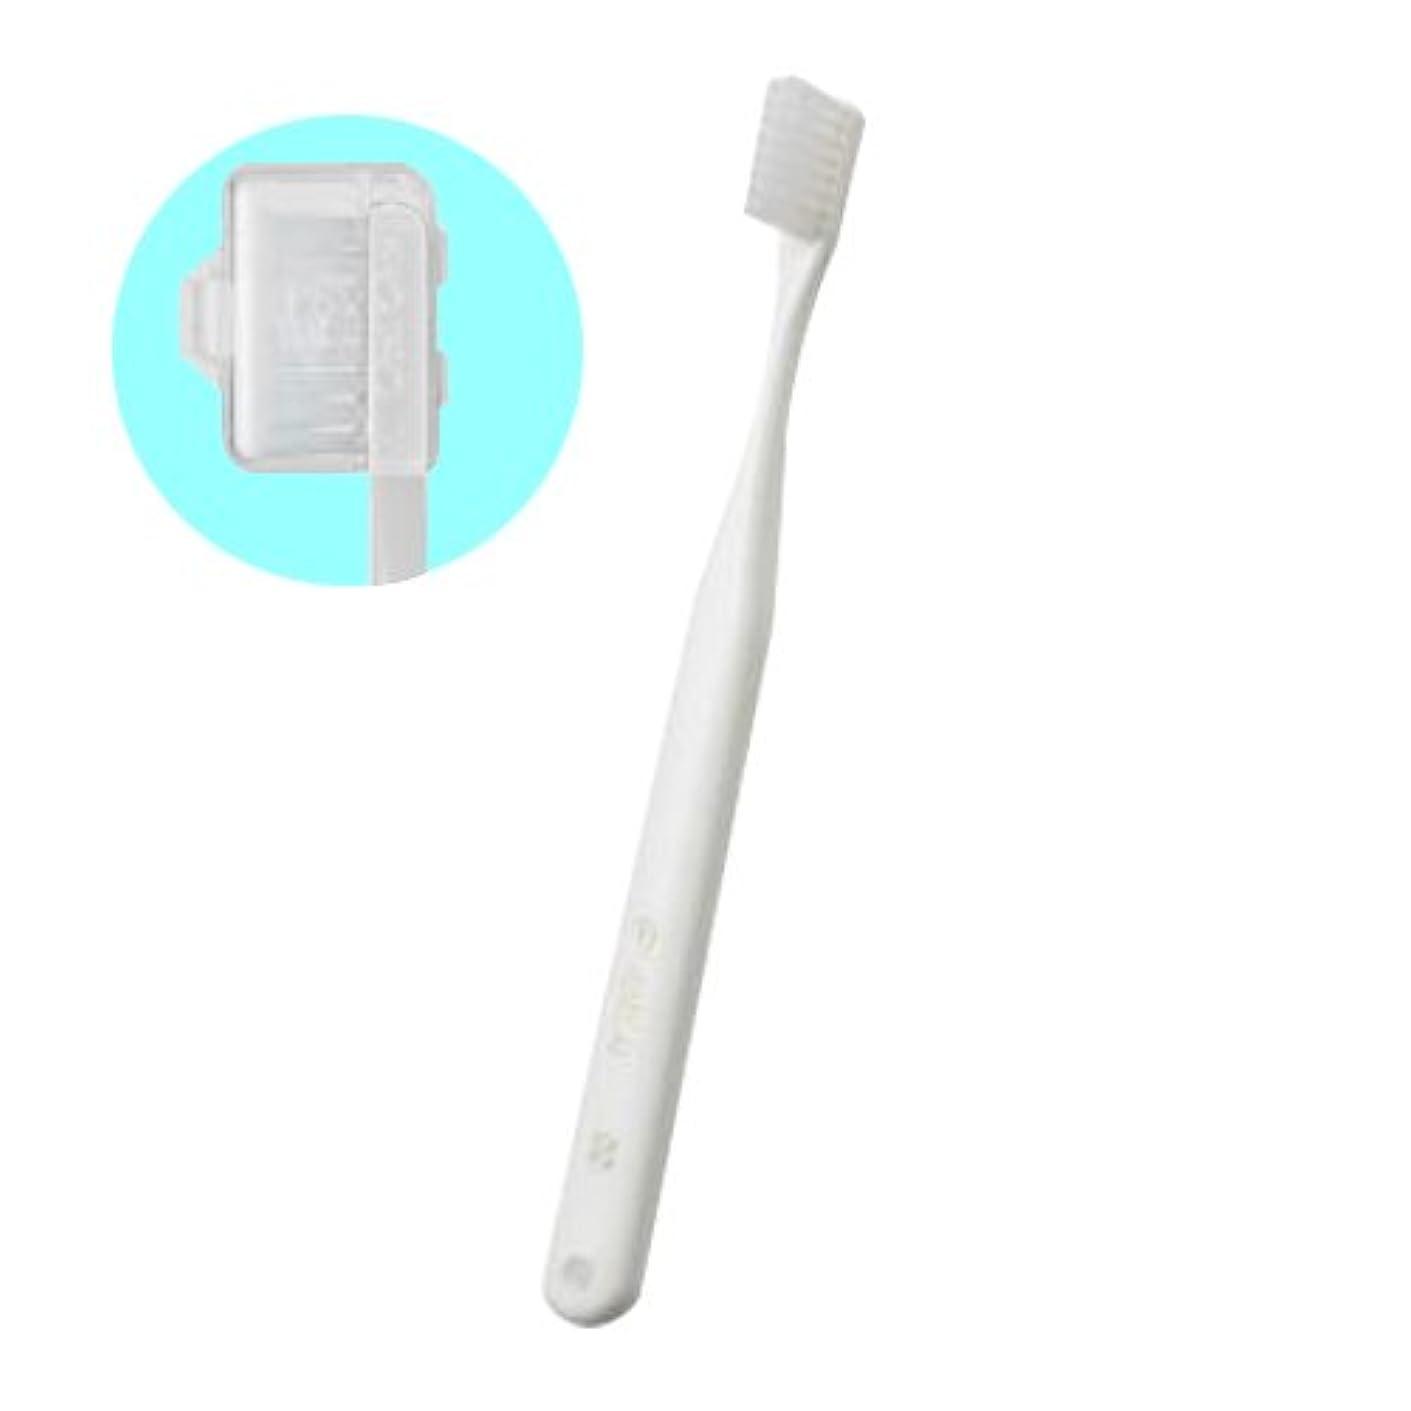 トランスペアレントかんがい確認するオーラルケア キャップ付き タフト 24 歯ブラシ エクストラスーパーソフト 1本 (ホワイト)